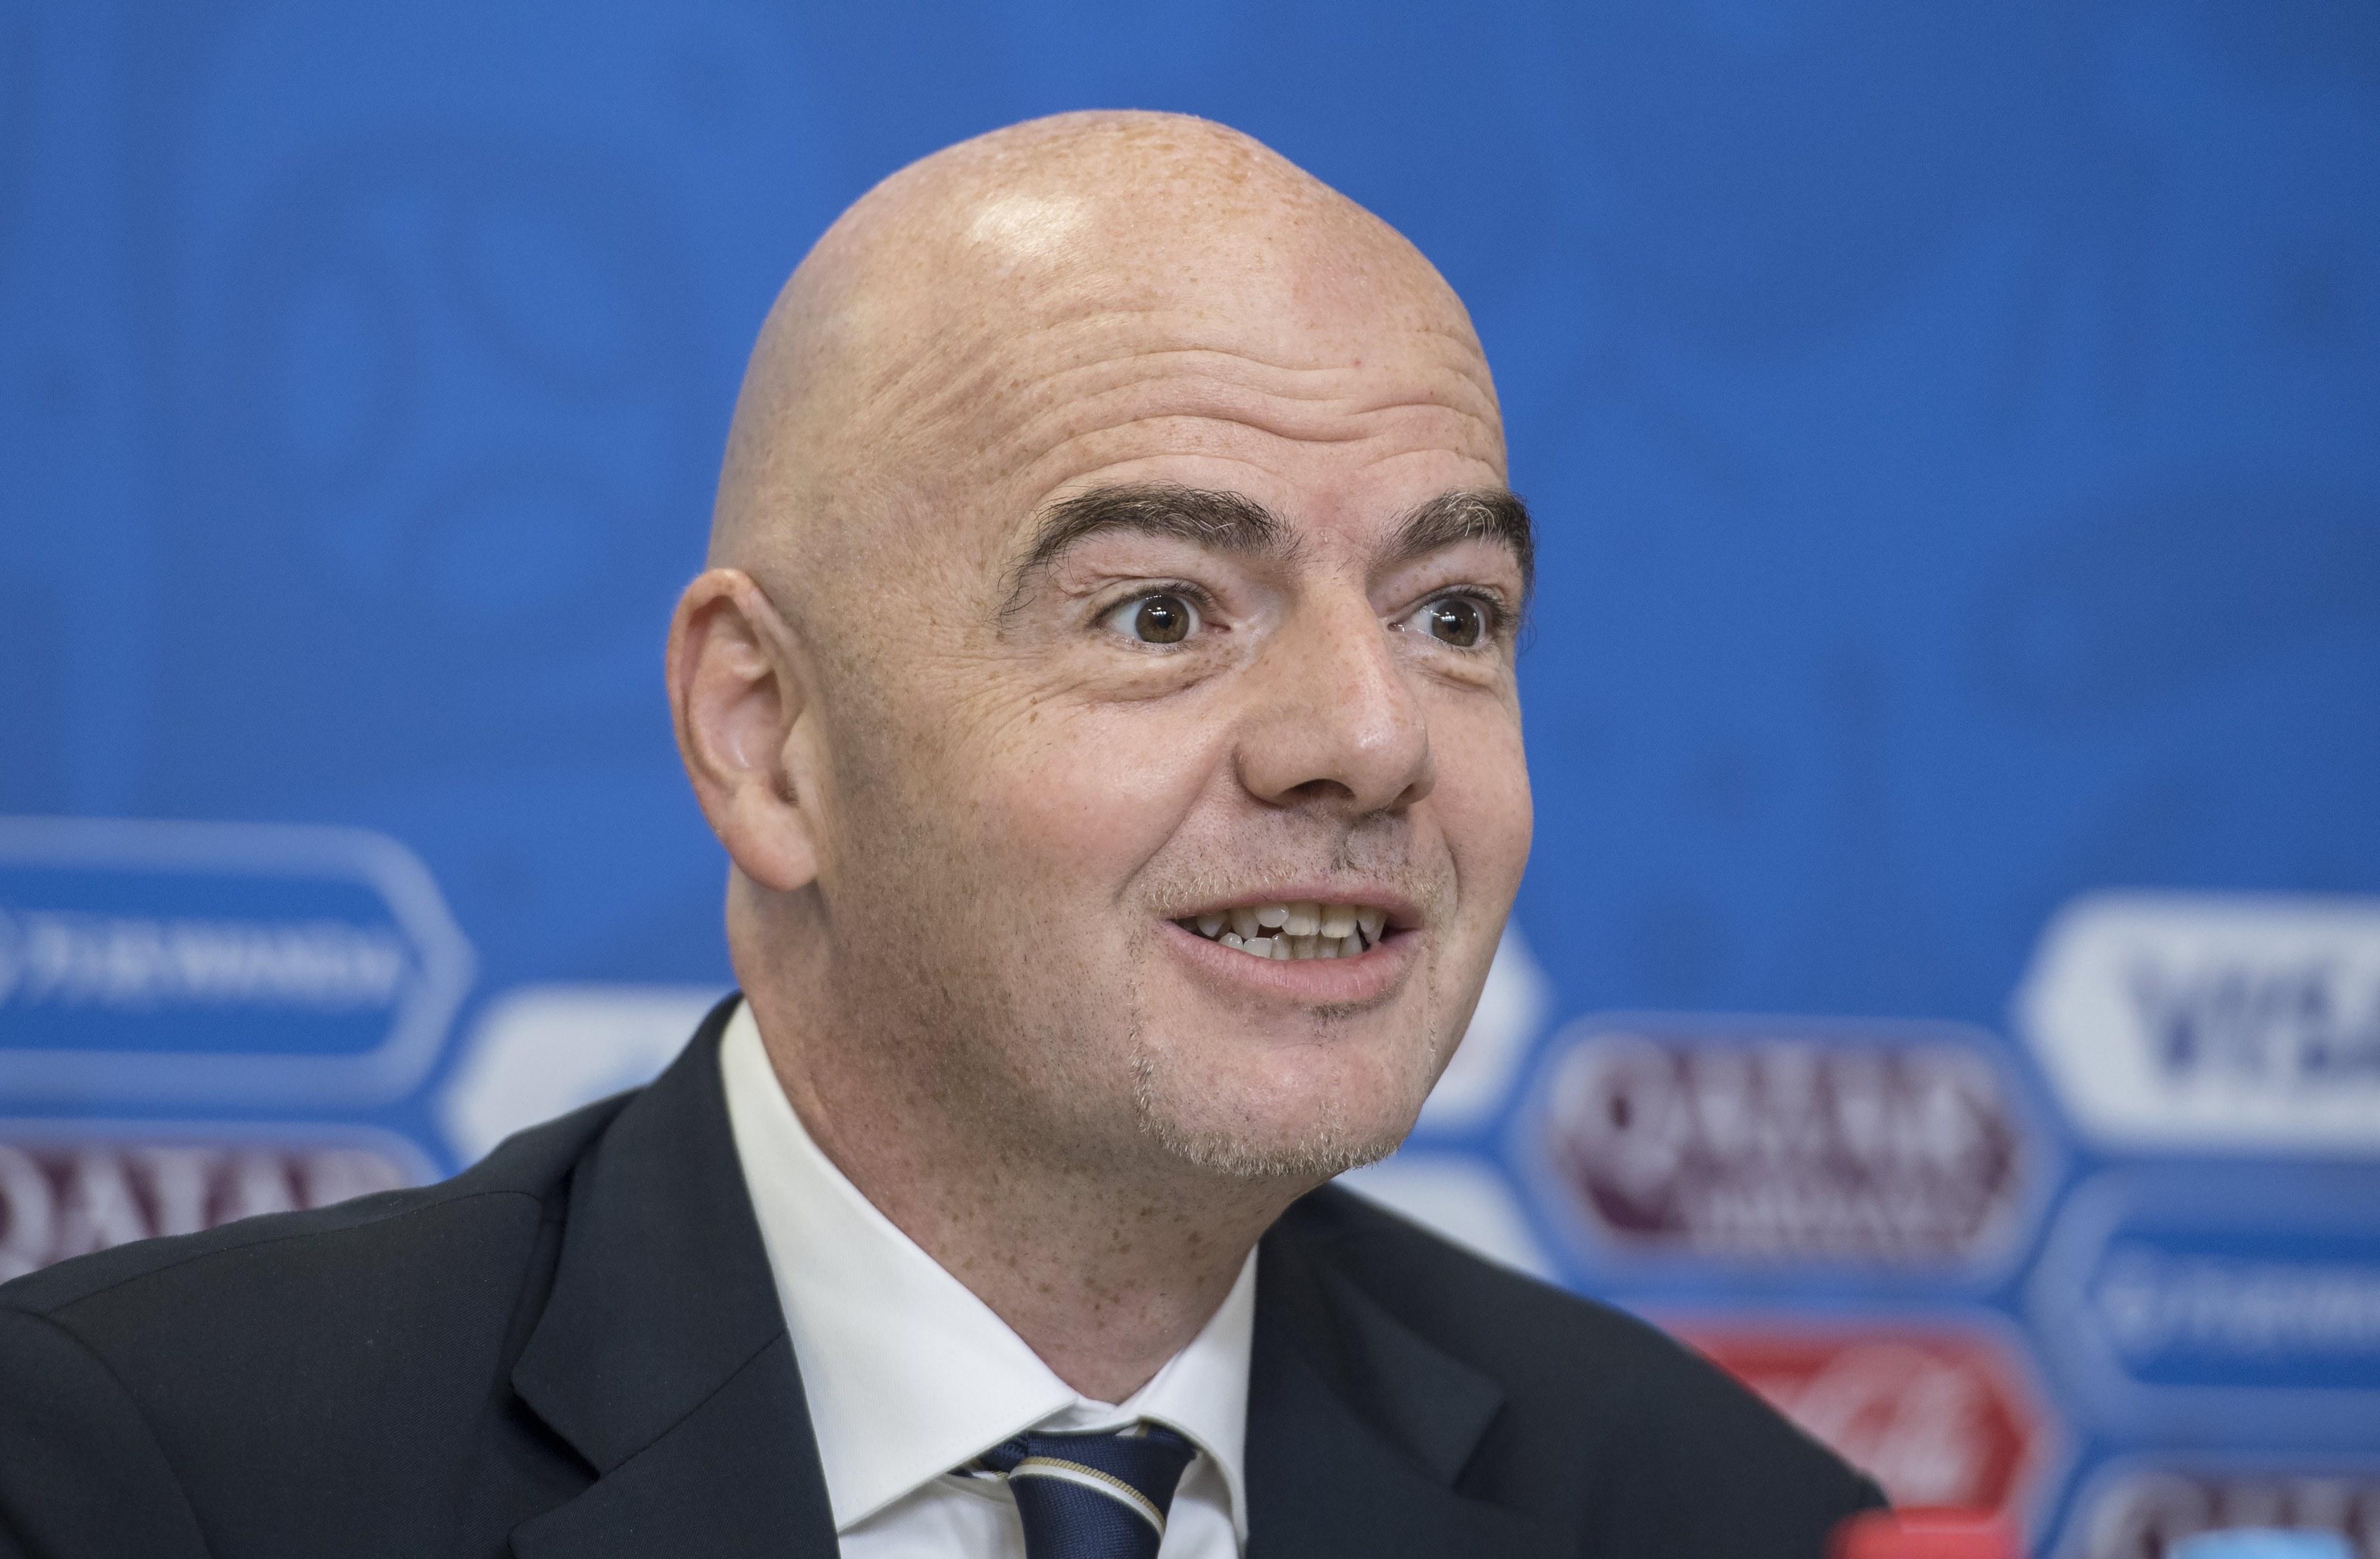 Presidente da FIFA defende escolha do vídeoárbitro